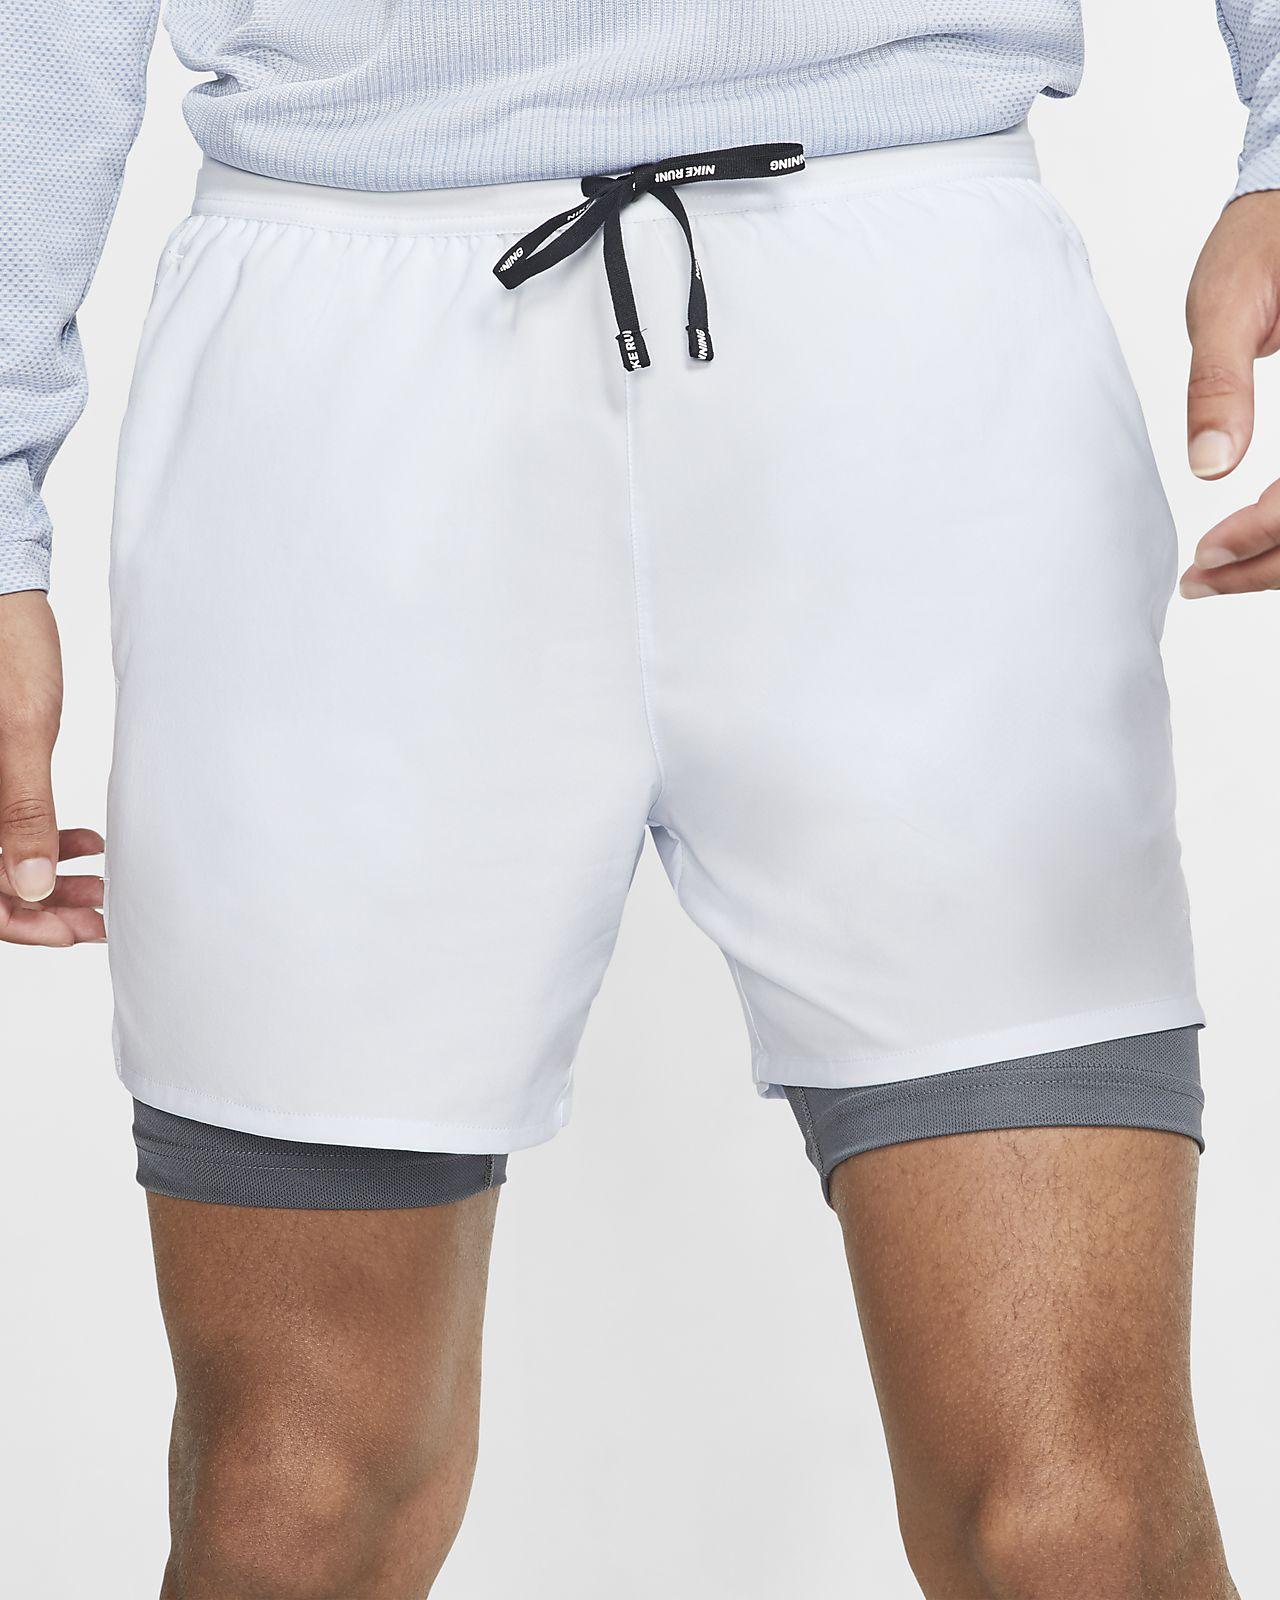 Ανδρικό σορτς για τρέξιμο 2 σε 1 Nike Flex Stride 13 cm